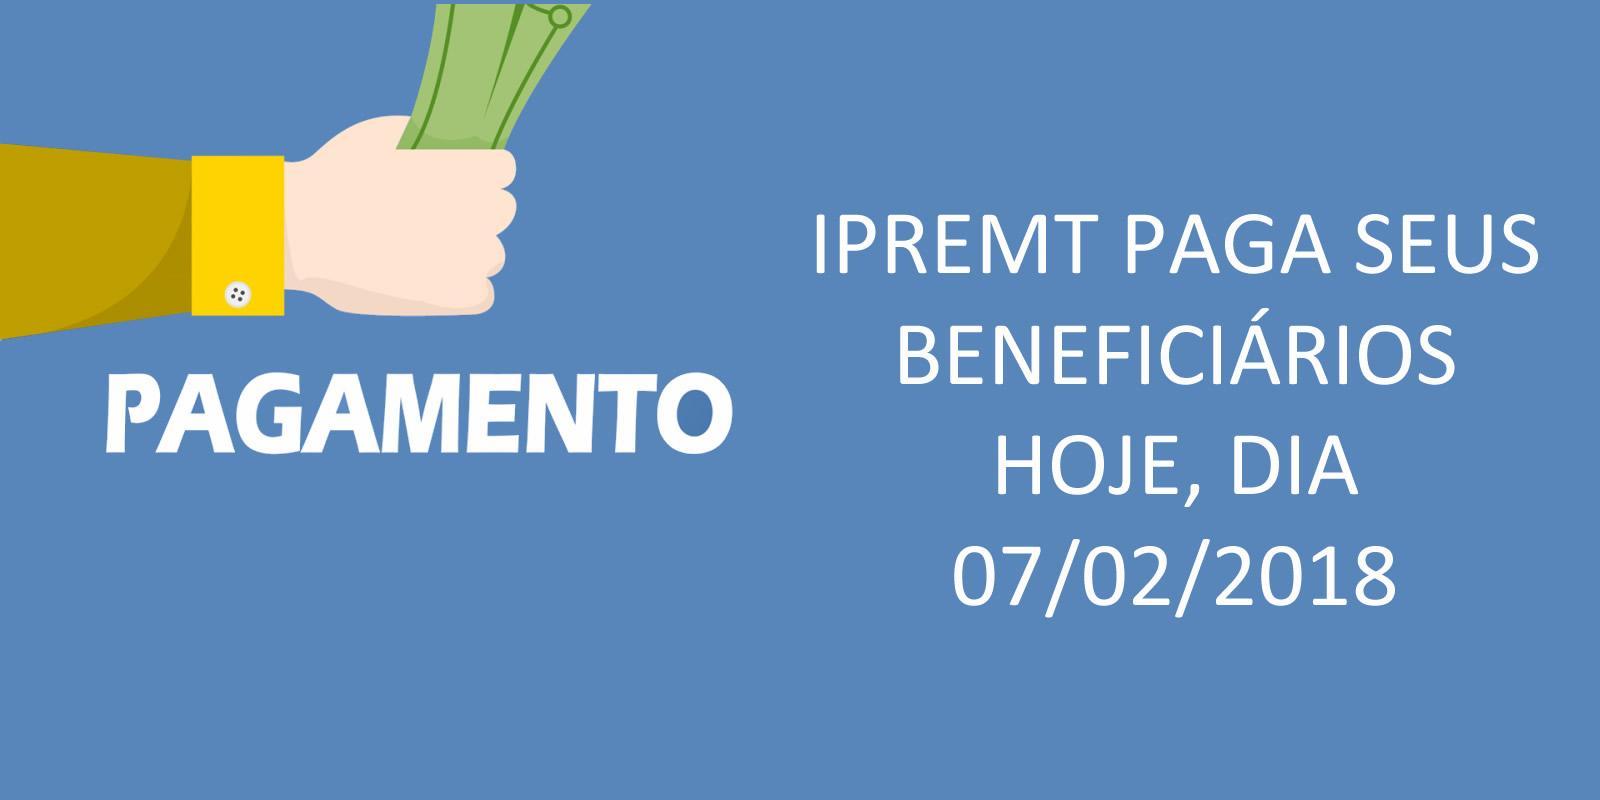 Benefícios do Ipremt recebem hoje, 07/02/2018